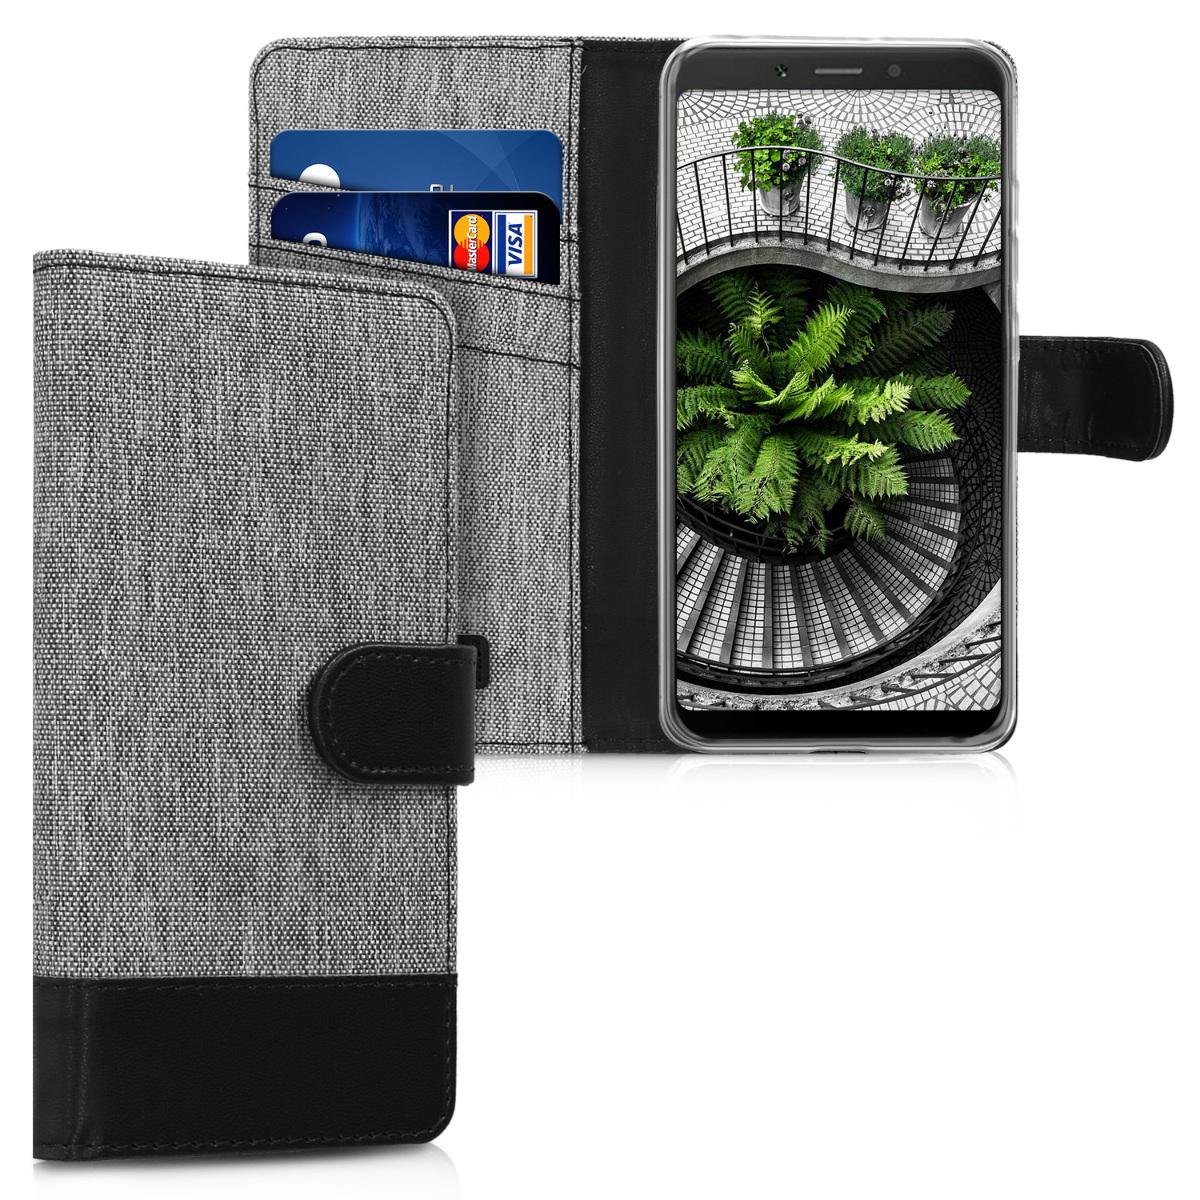 KW Θήκη Πορτοφόλι Xiaomi Redmi 6A - Συνθετικό δέρμα - Grey / Black (45586.22)